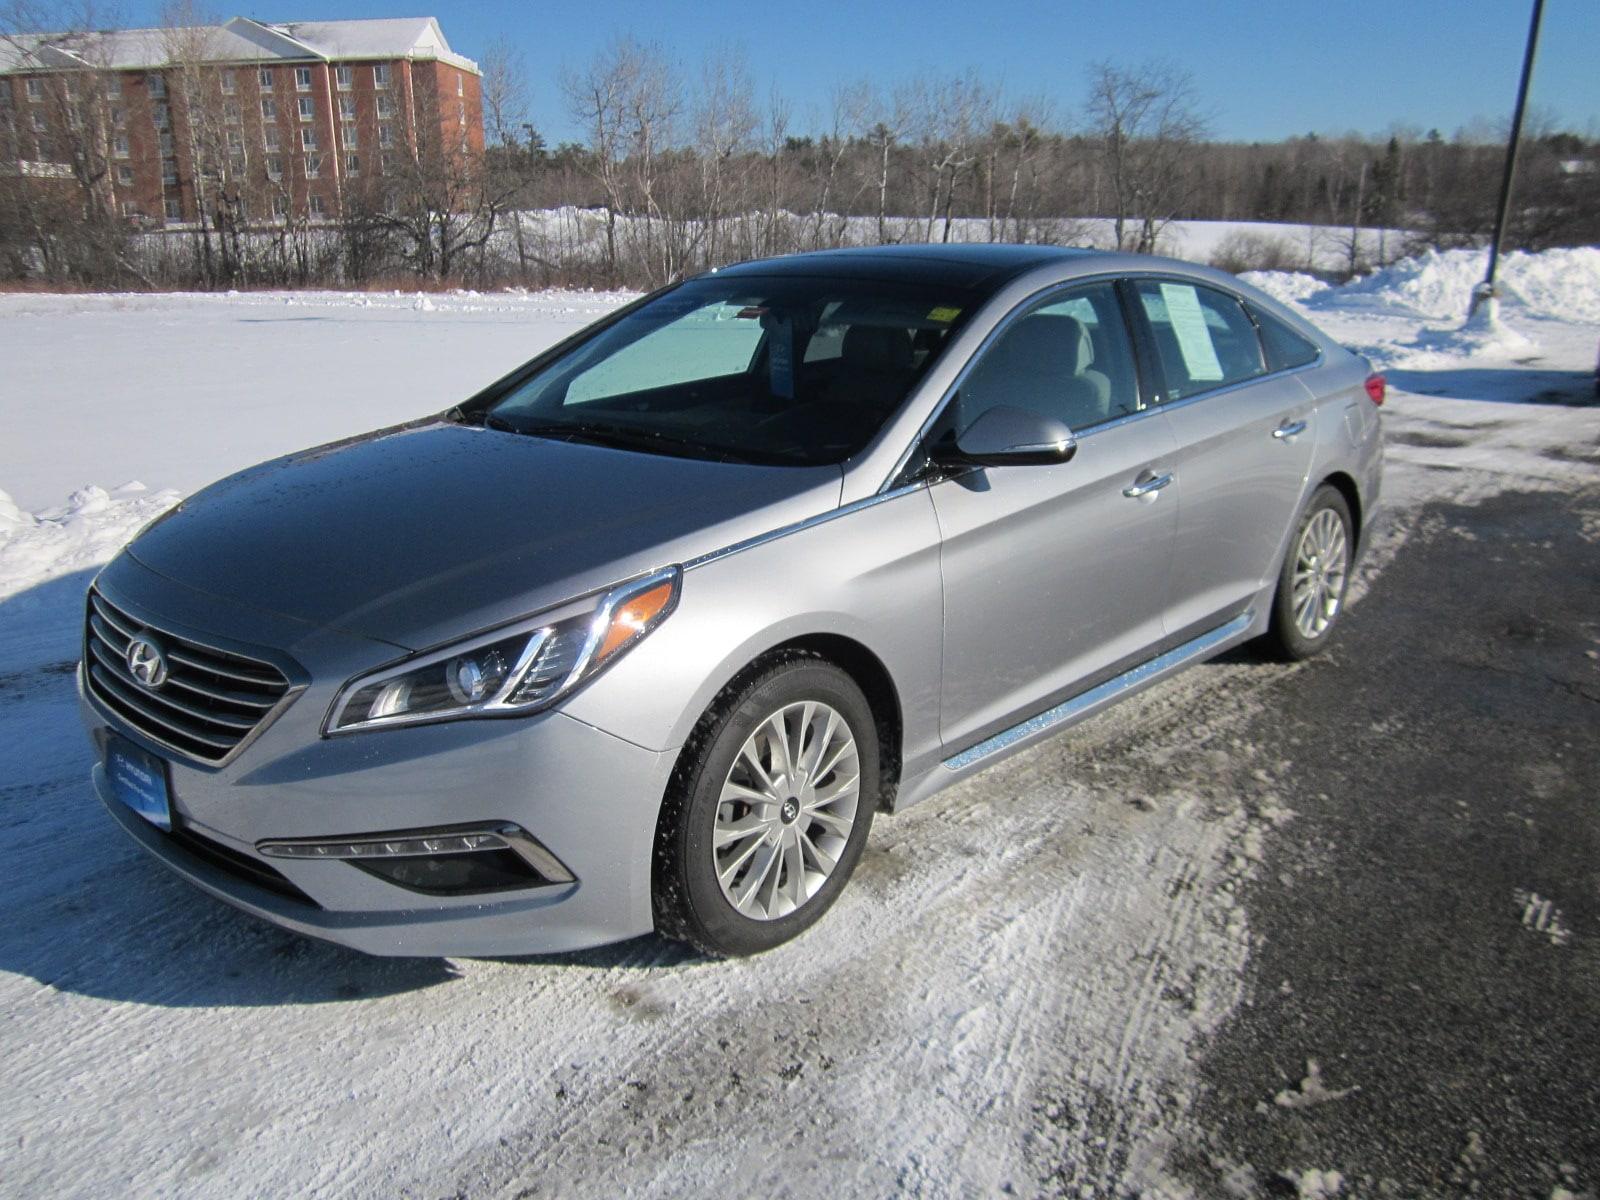 Certified Pre-Owned 2015 Hyundai Sonata